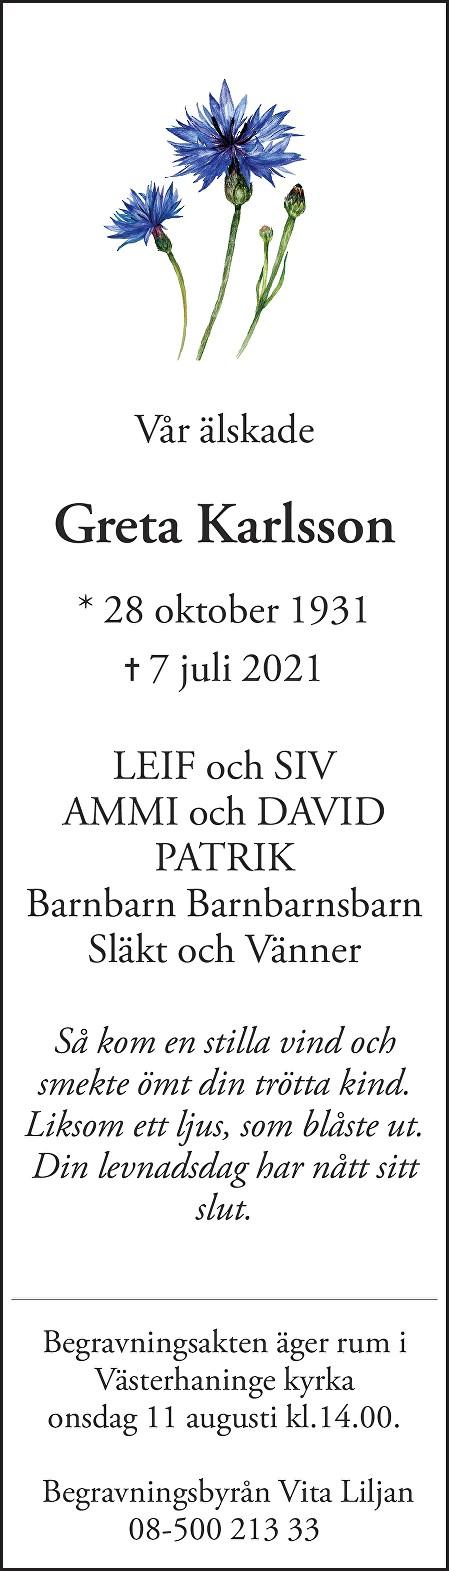 Greta Karlsson Death notice